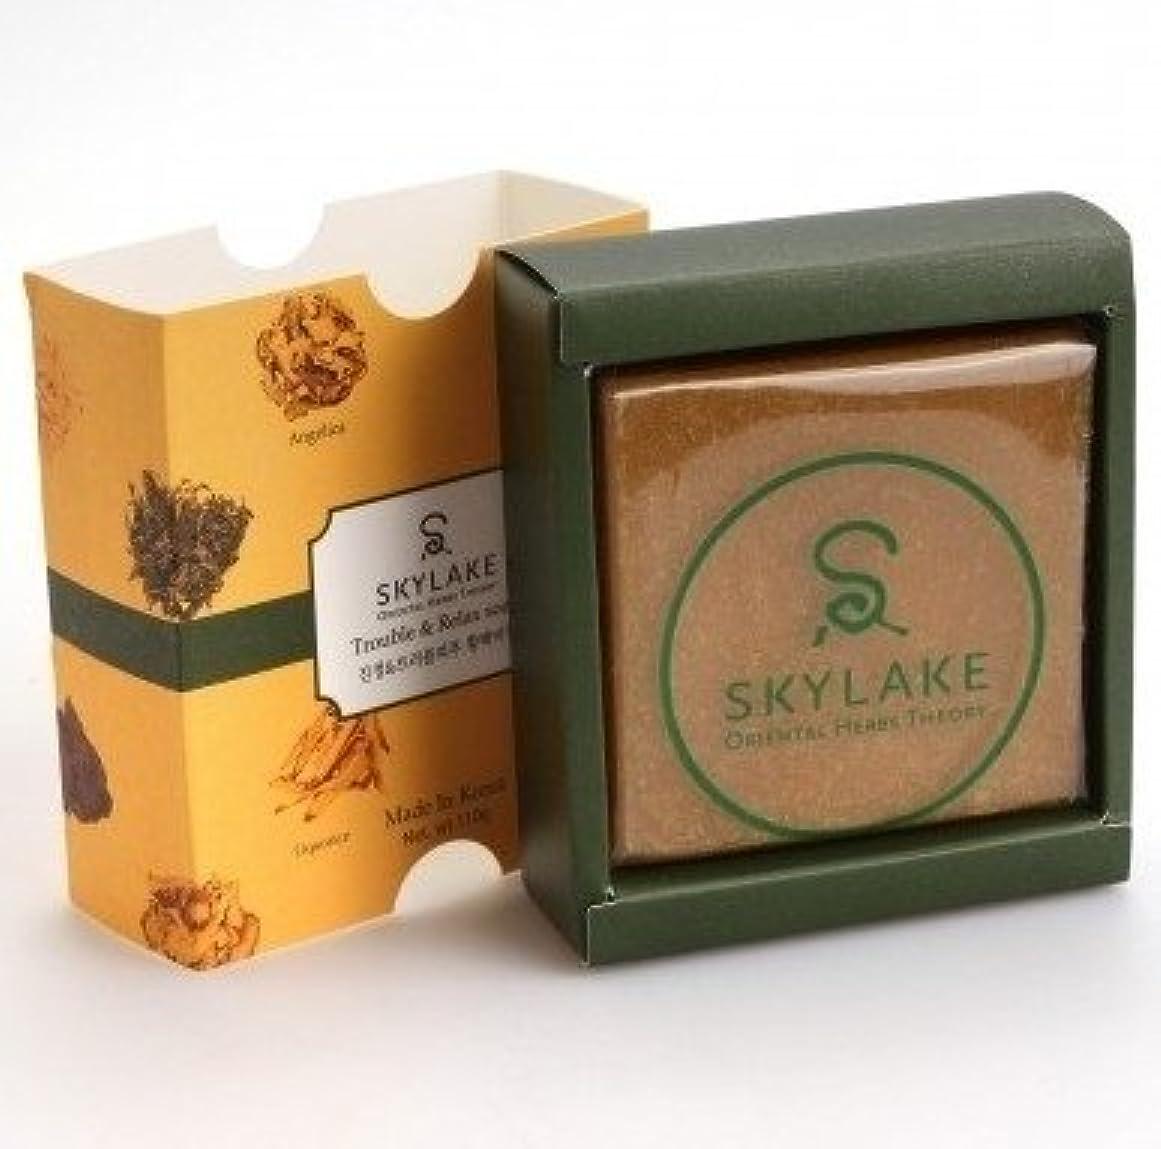 軽蔑する平凡チロ[1+1]ハヌルホス[Skylake] 漢方アロマ石鹸Oriental Herbs Theory Soap (肌荒れ肌用)